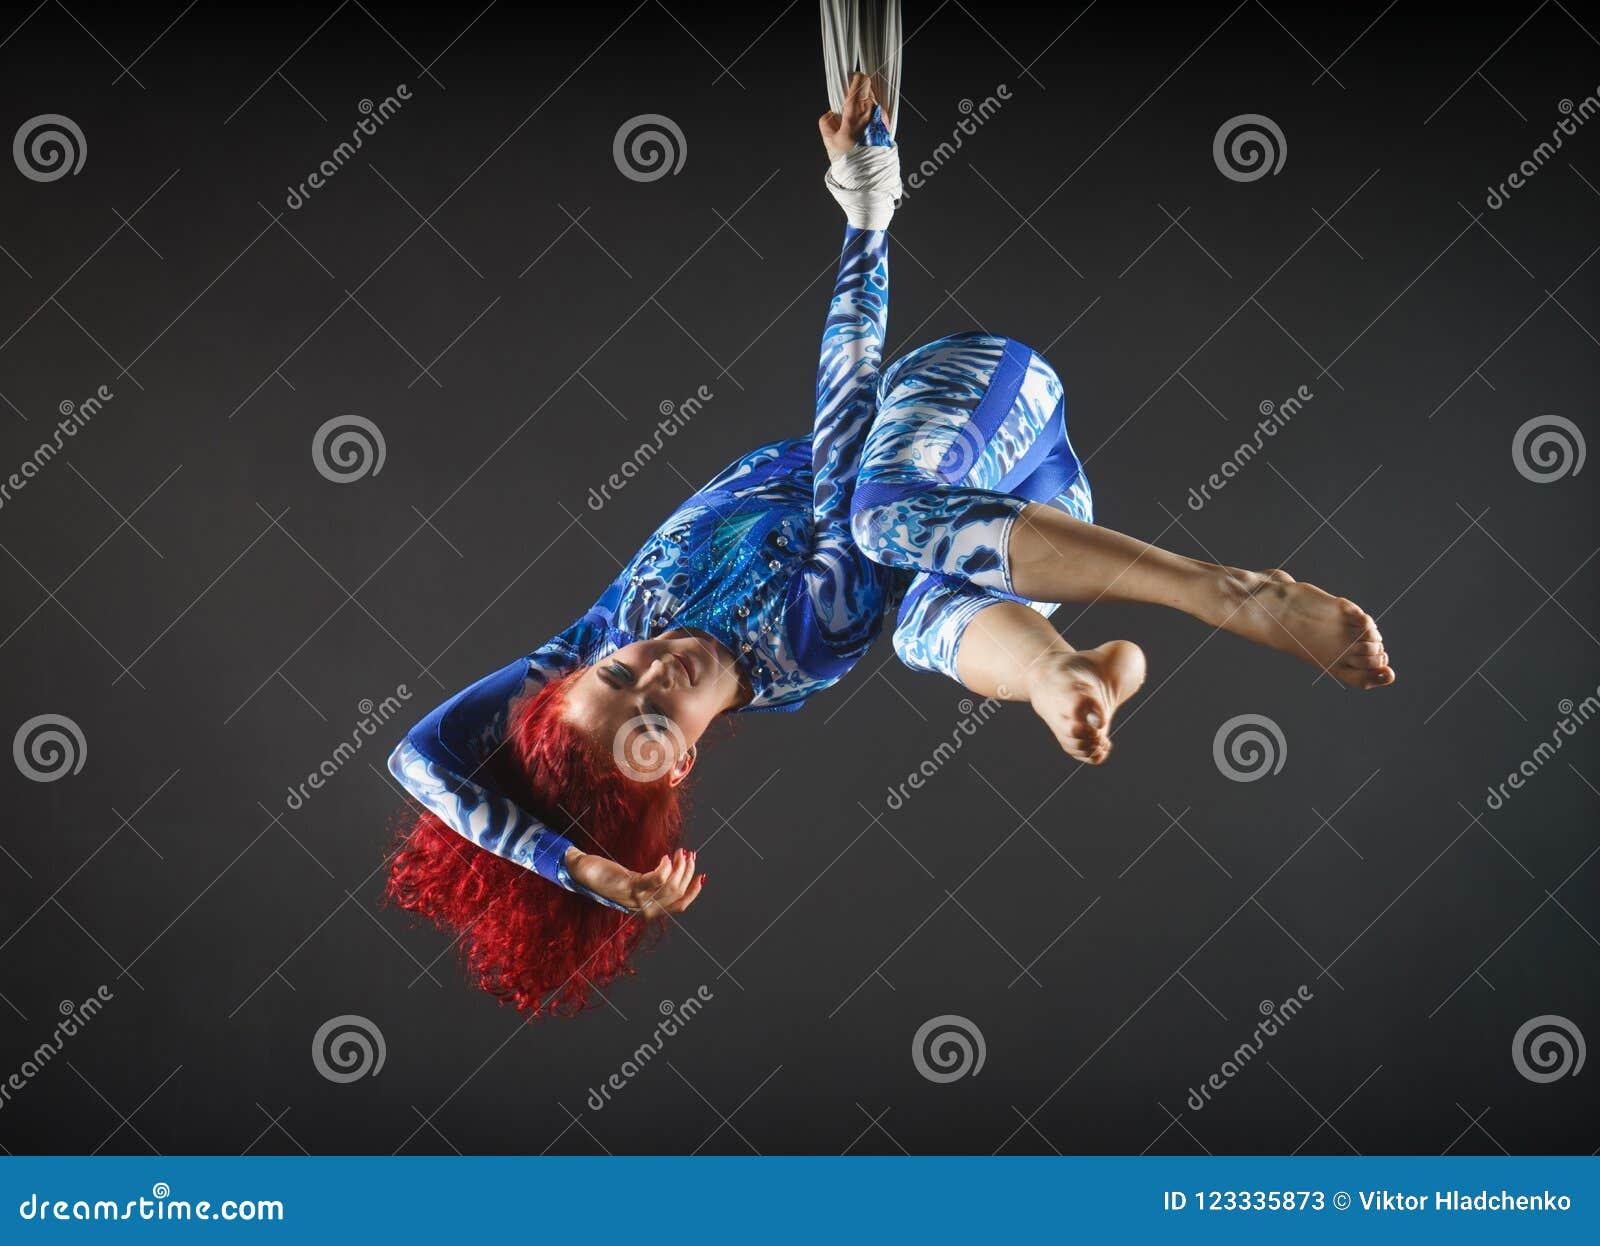 Atletische sexy luchtcircuskunstenaar met roodharige in blauw kostuum die in de lucht met saldo dansen